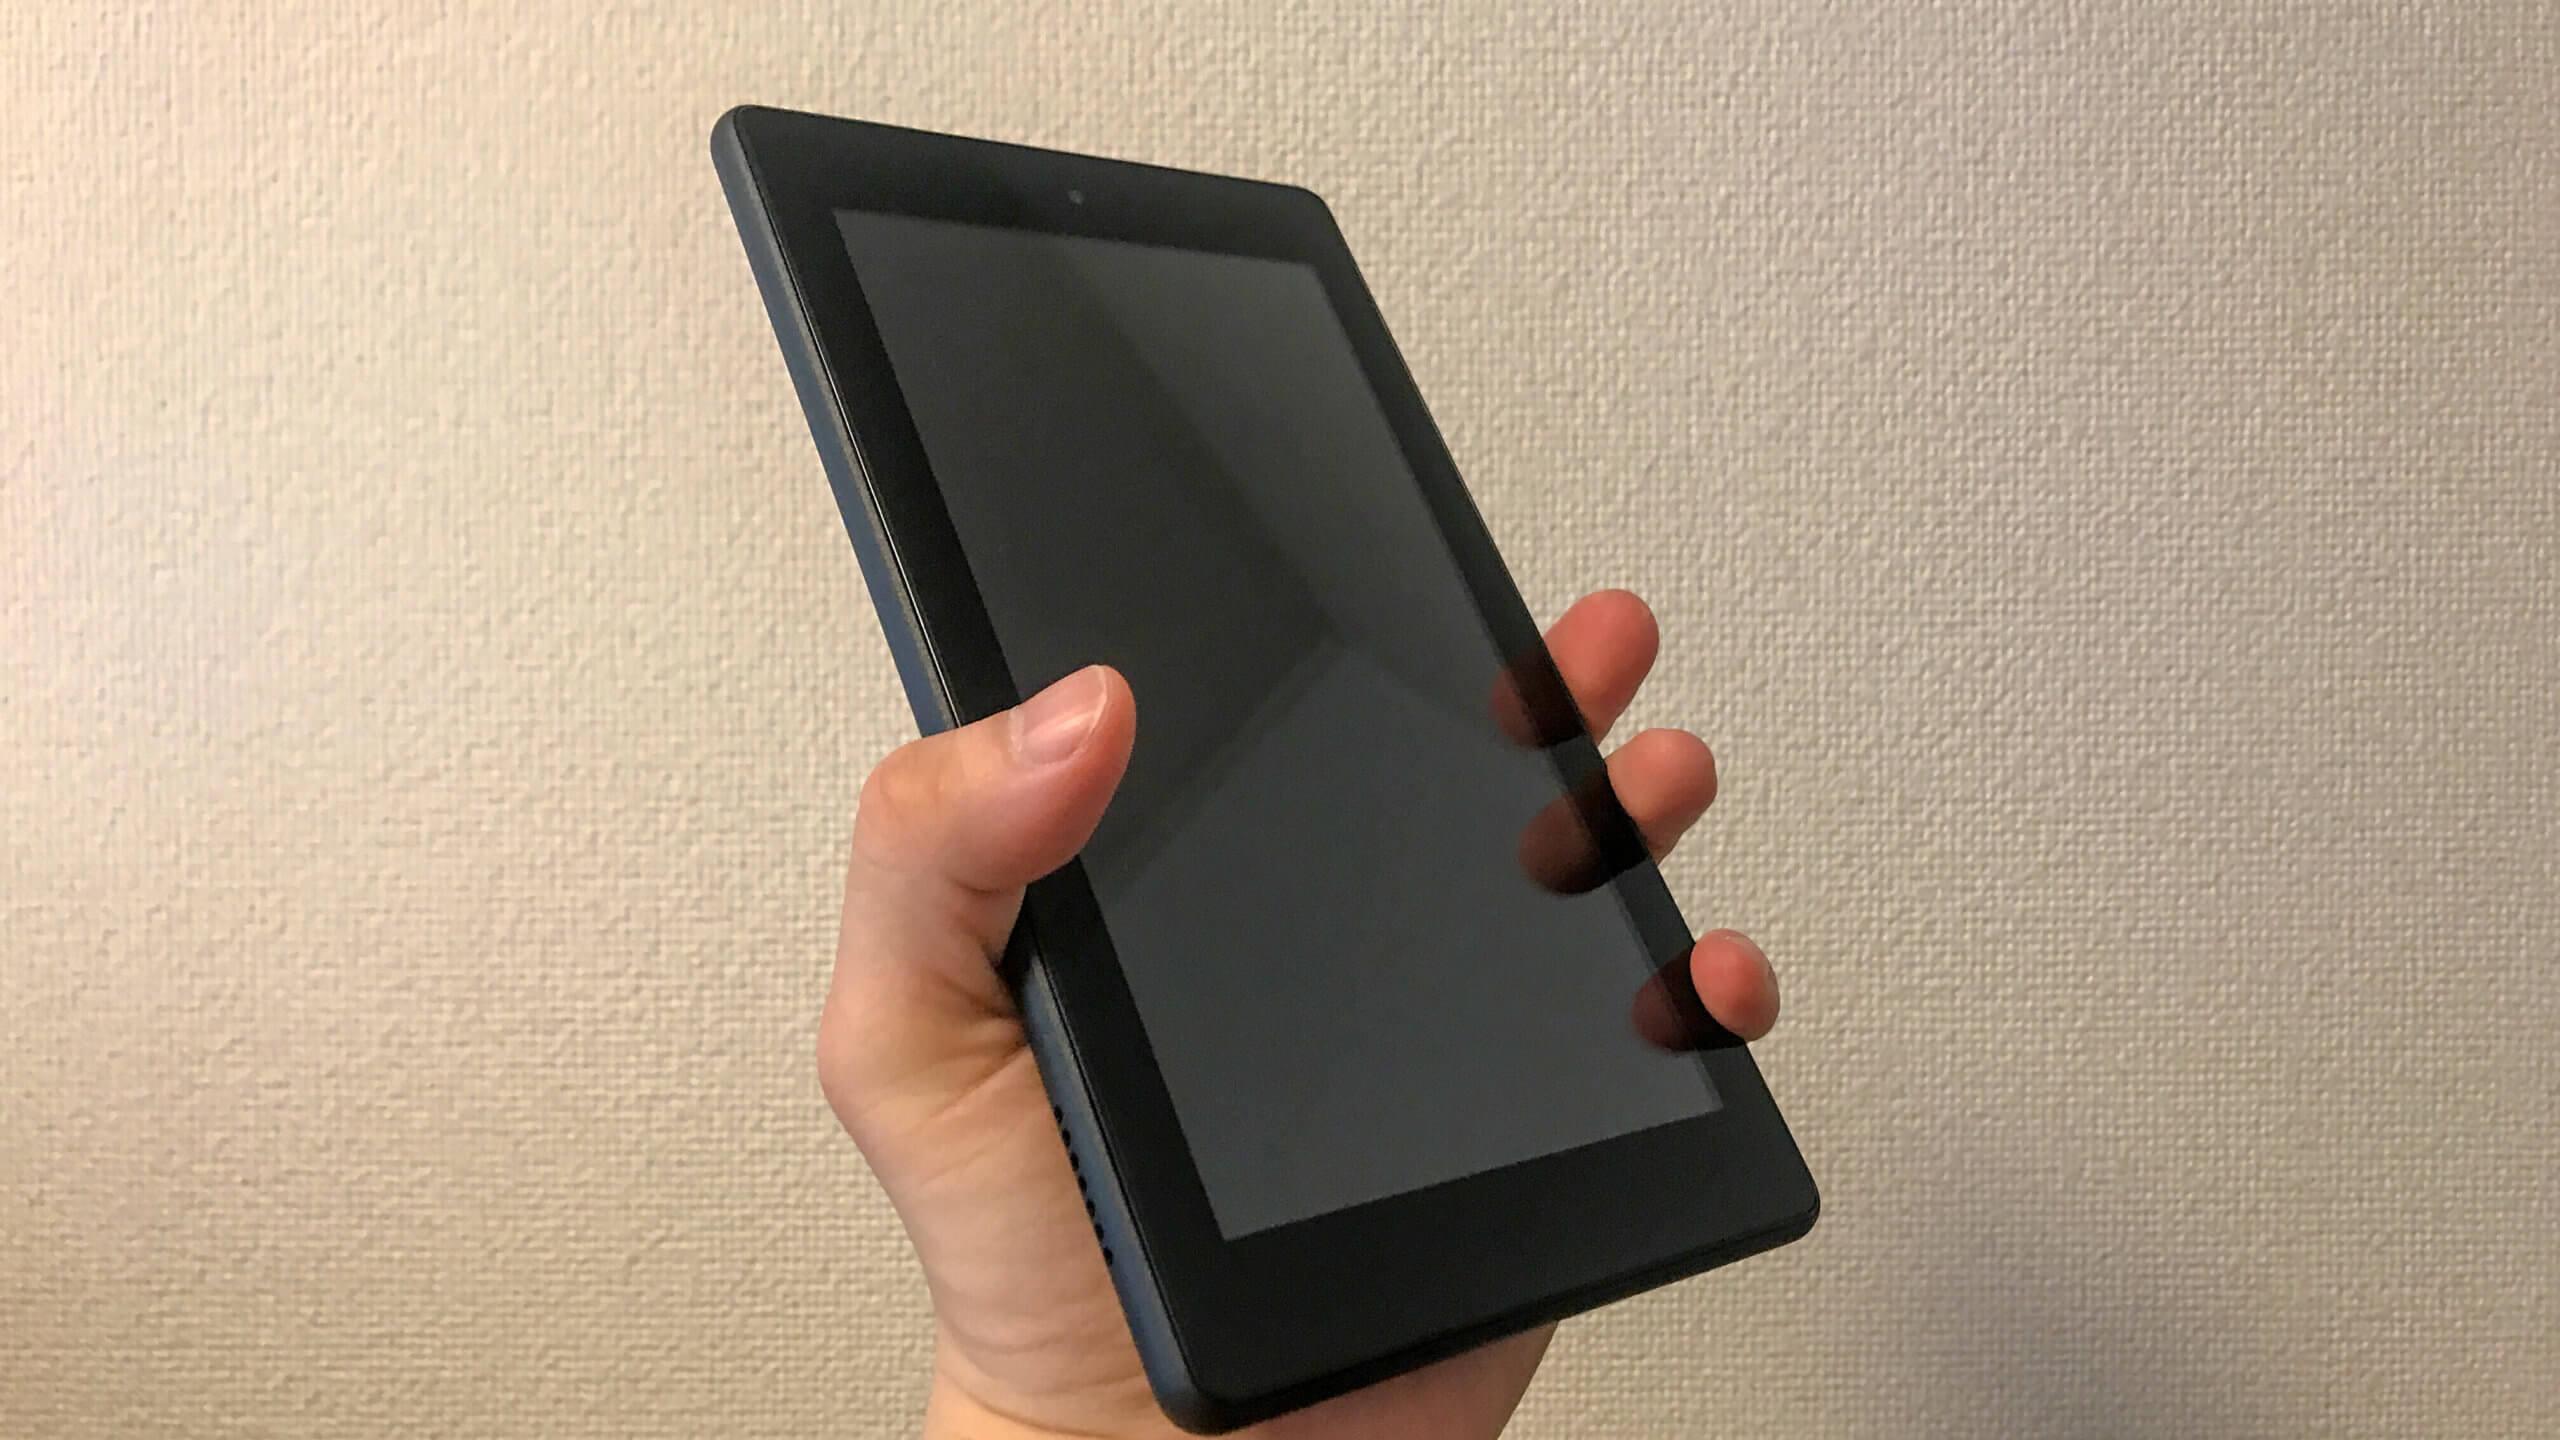 ミラクルコスパの最安・最小タブレット端末! Fire 7 タブレットを買ったのでレビューします。